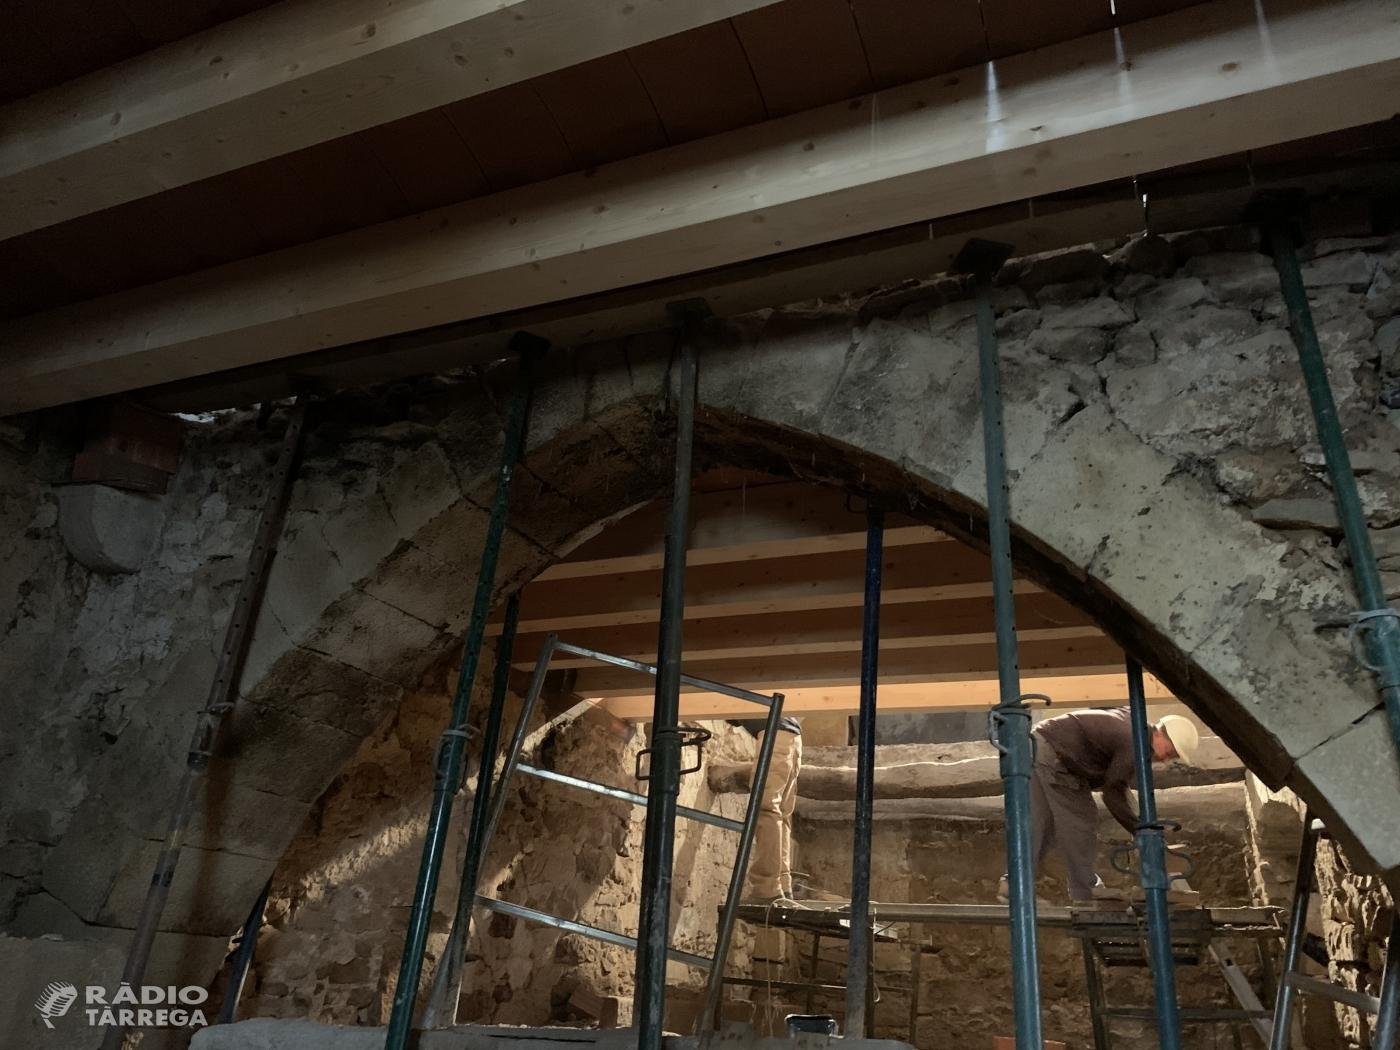 Obres de rehabilitació a l'edifici de Cal Vallverdú de Preixana